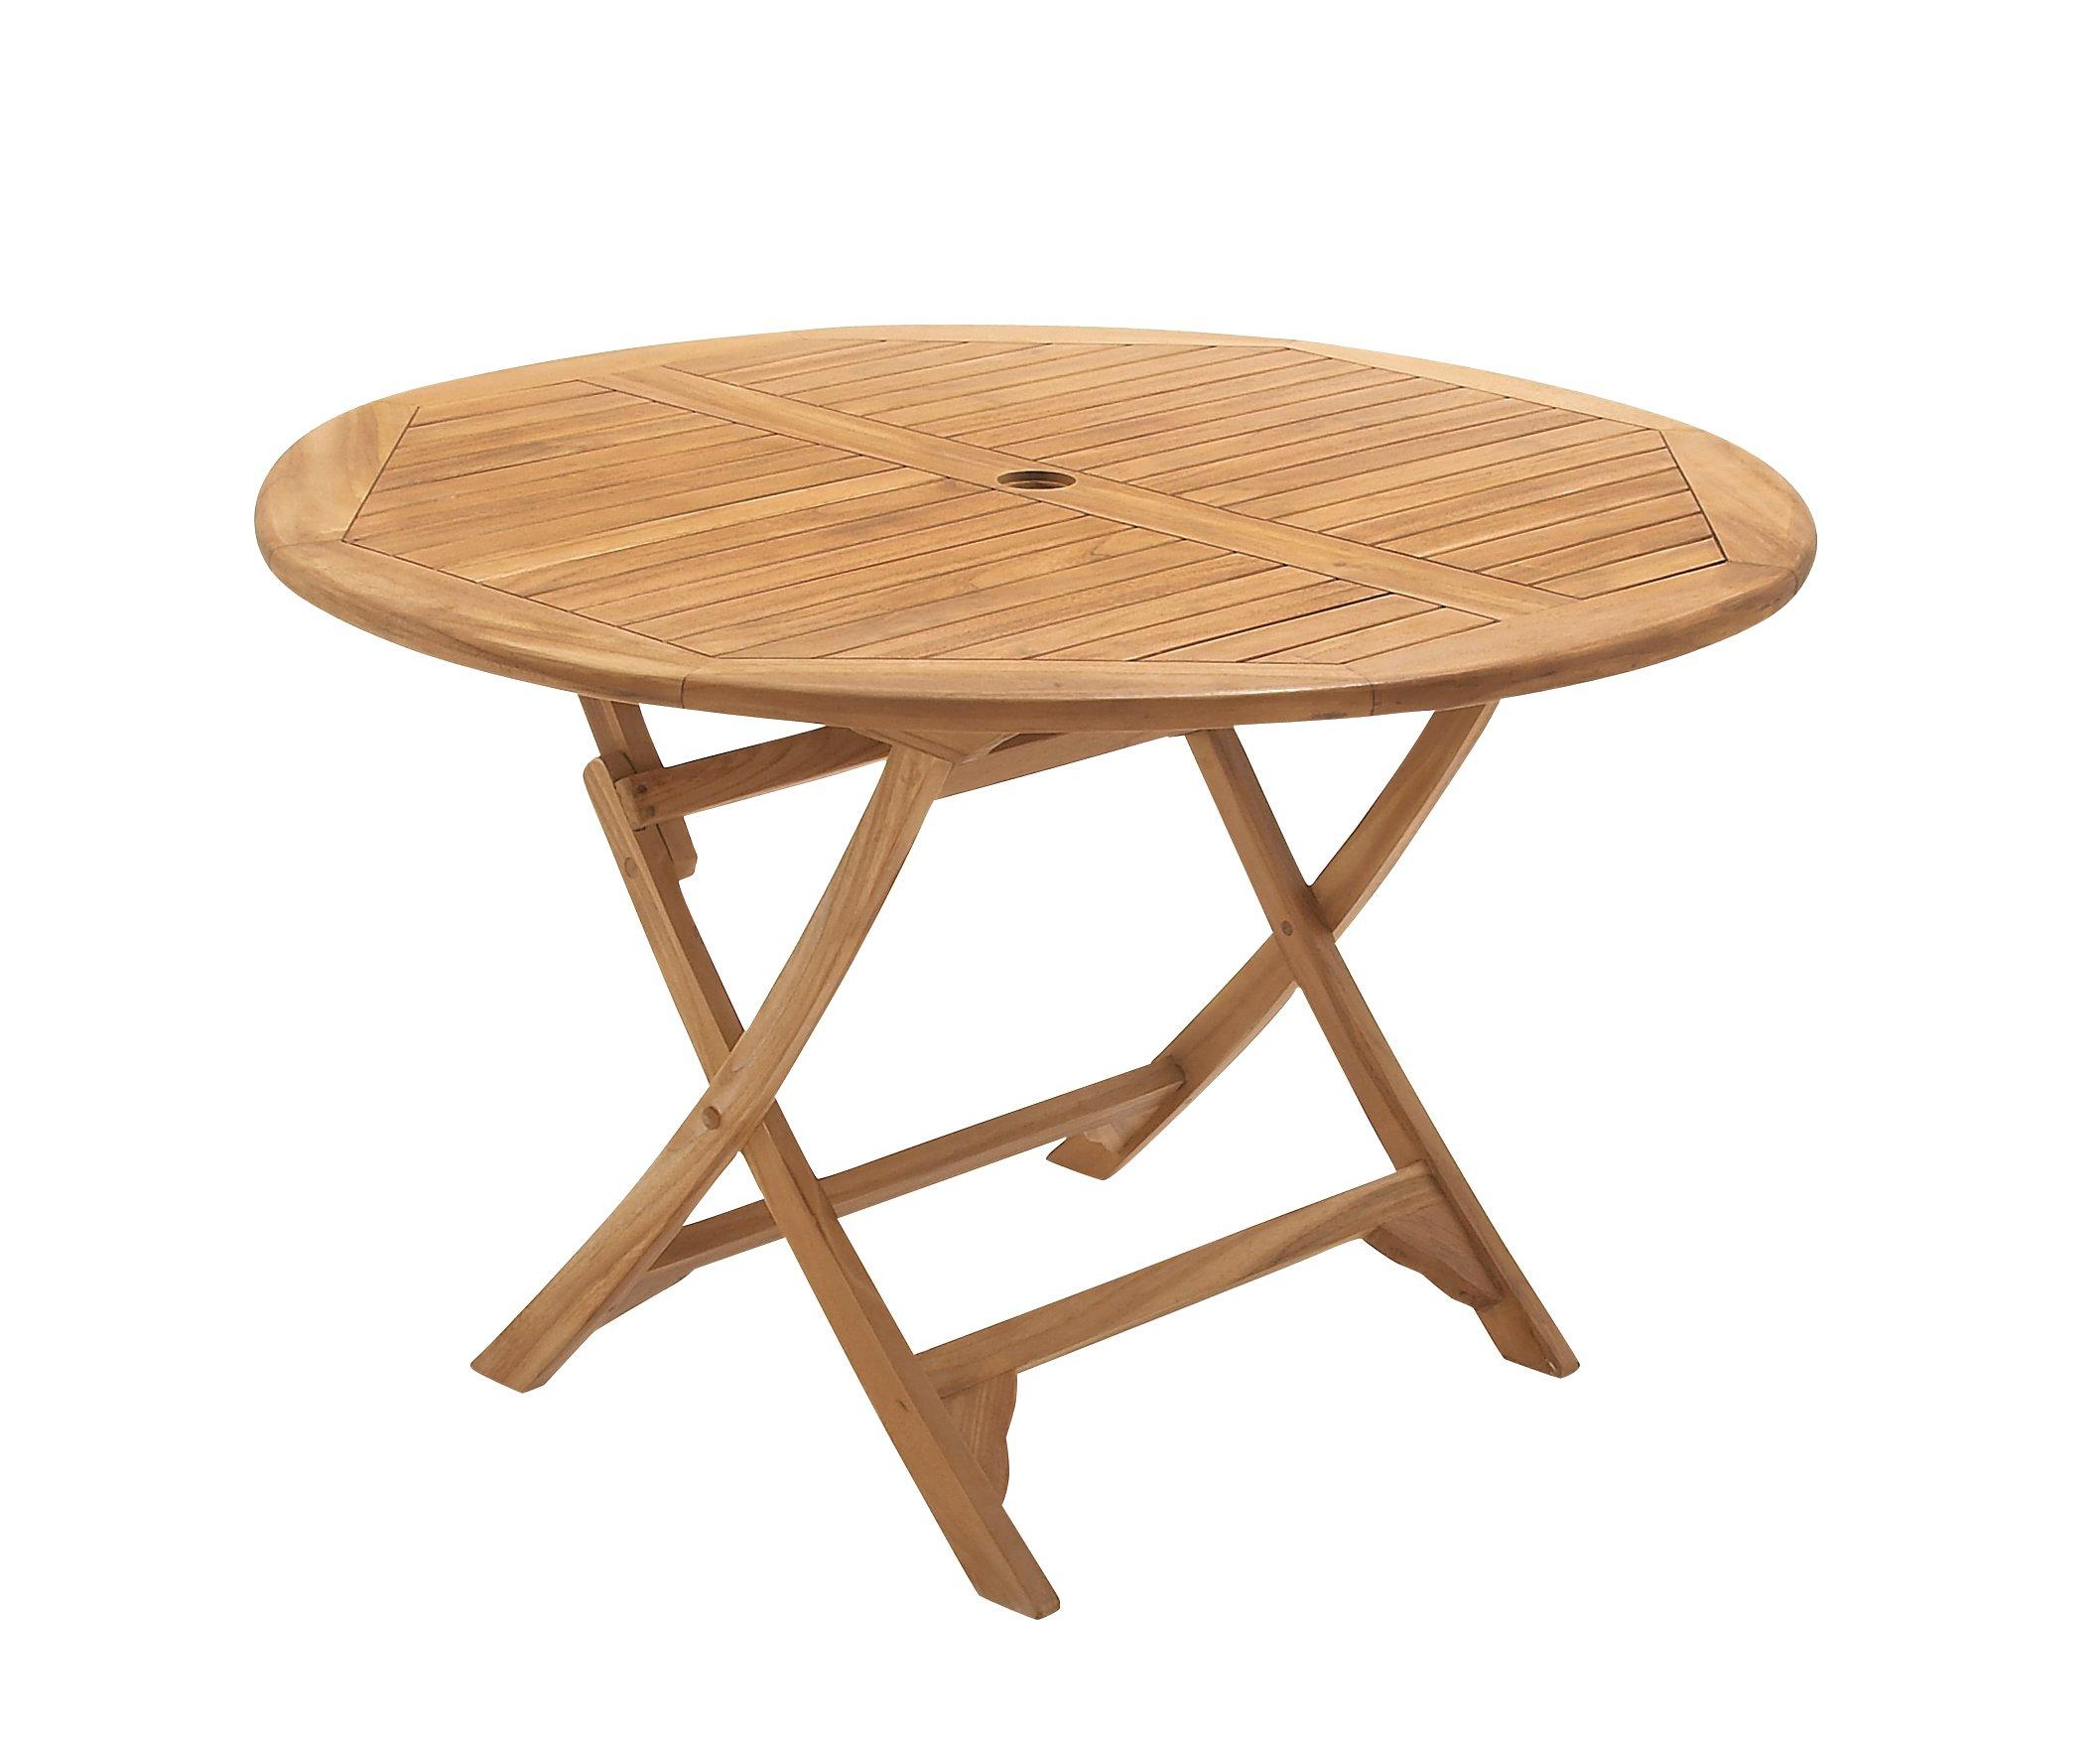 Deco 79 92452 Wood Teak Table, 47'' x 30''